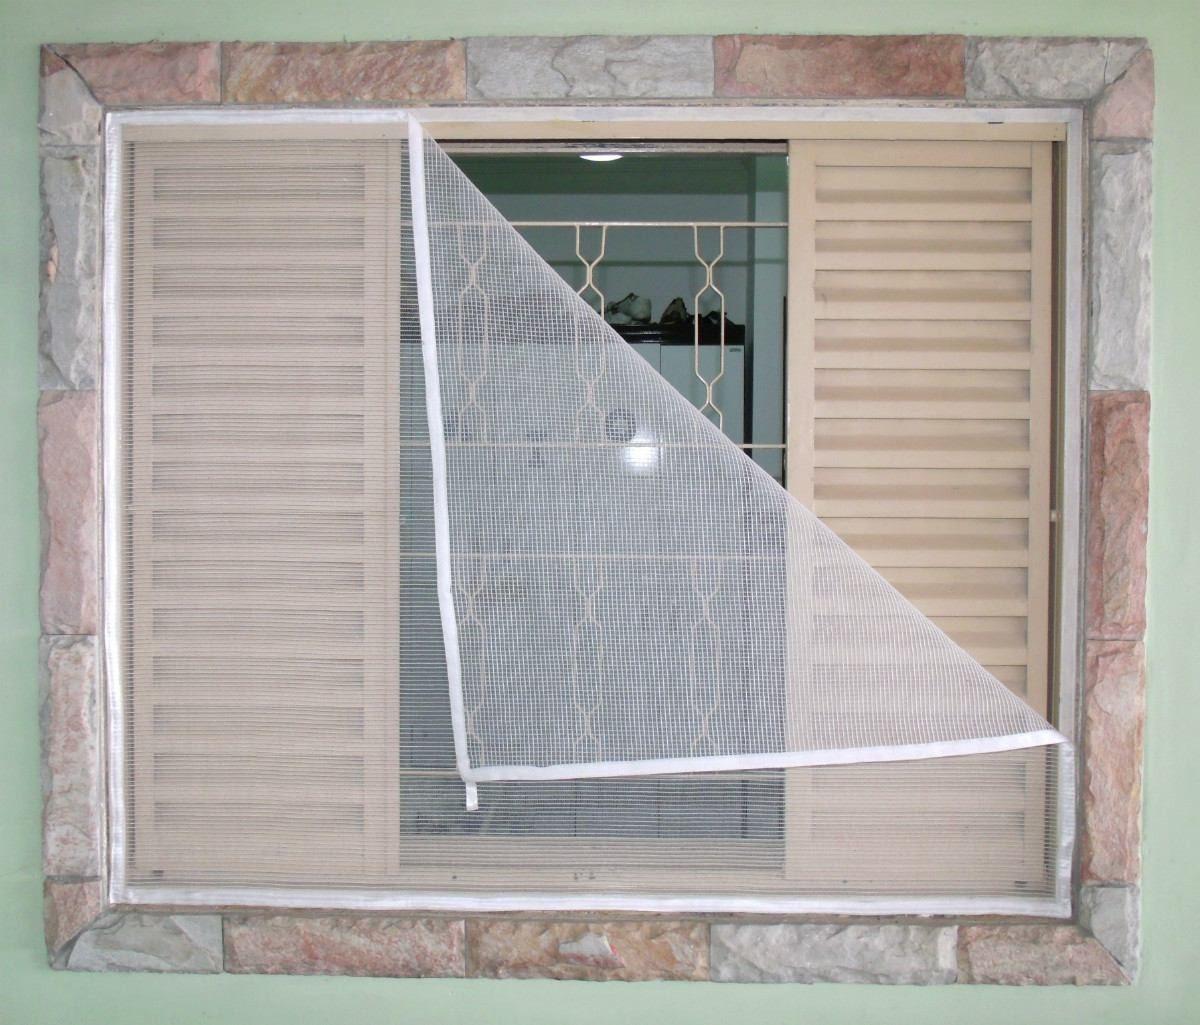 #746557  Anti inseto Para Janelas E Portas Yomura R$ 14 45 em Mercado Livre 872 Mercado Livre Janela E Porta De Aluminio